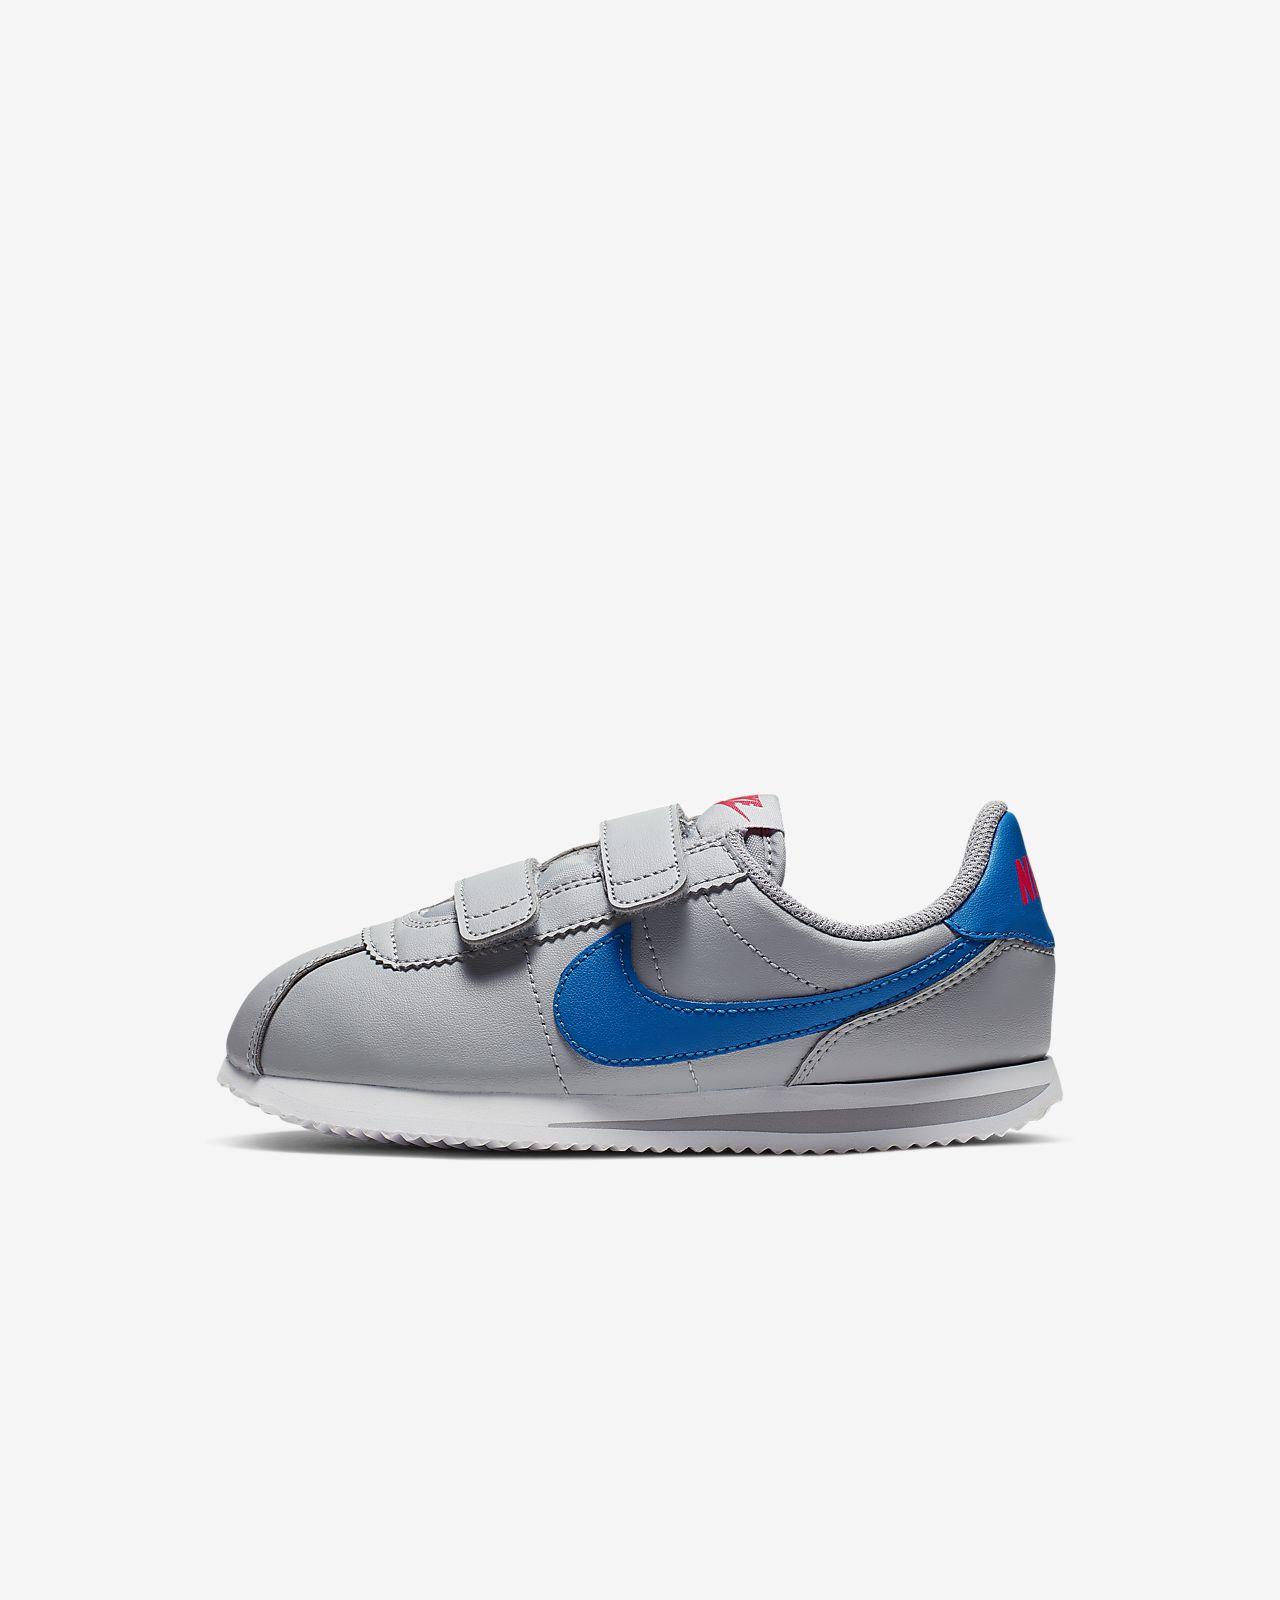 Nike Cortez Basic SL Zapatillas - Niño/a pequeño/a